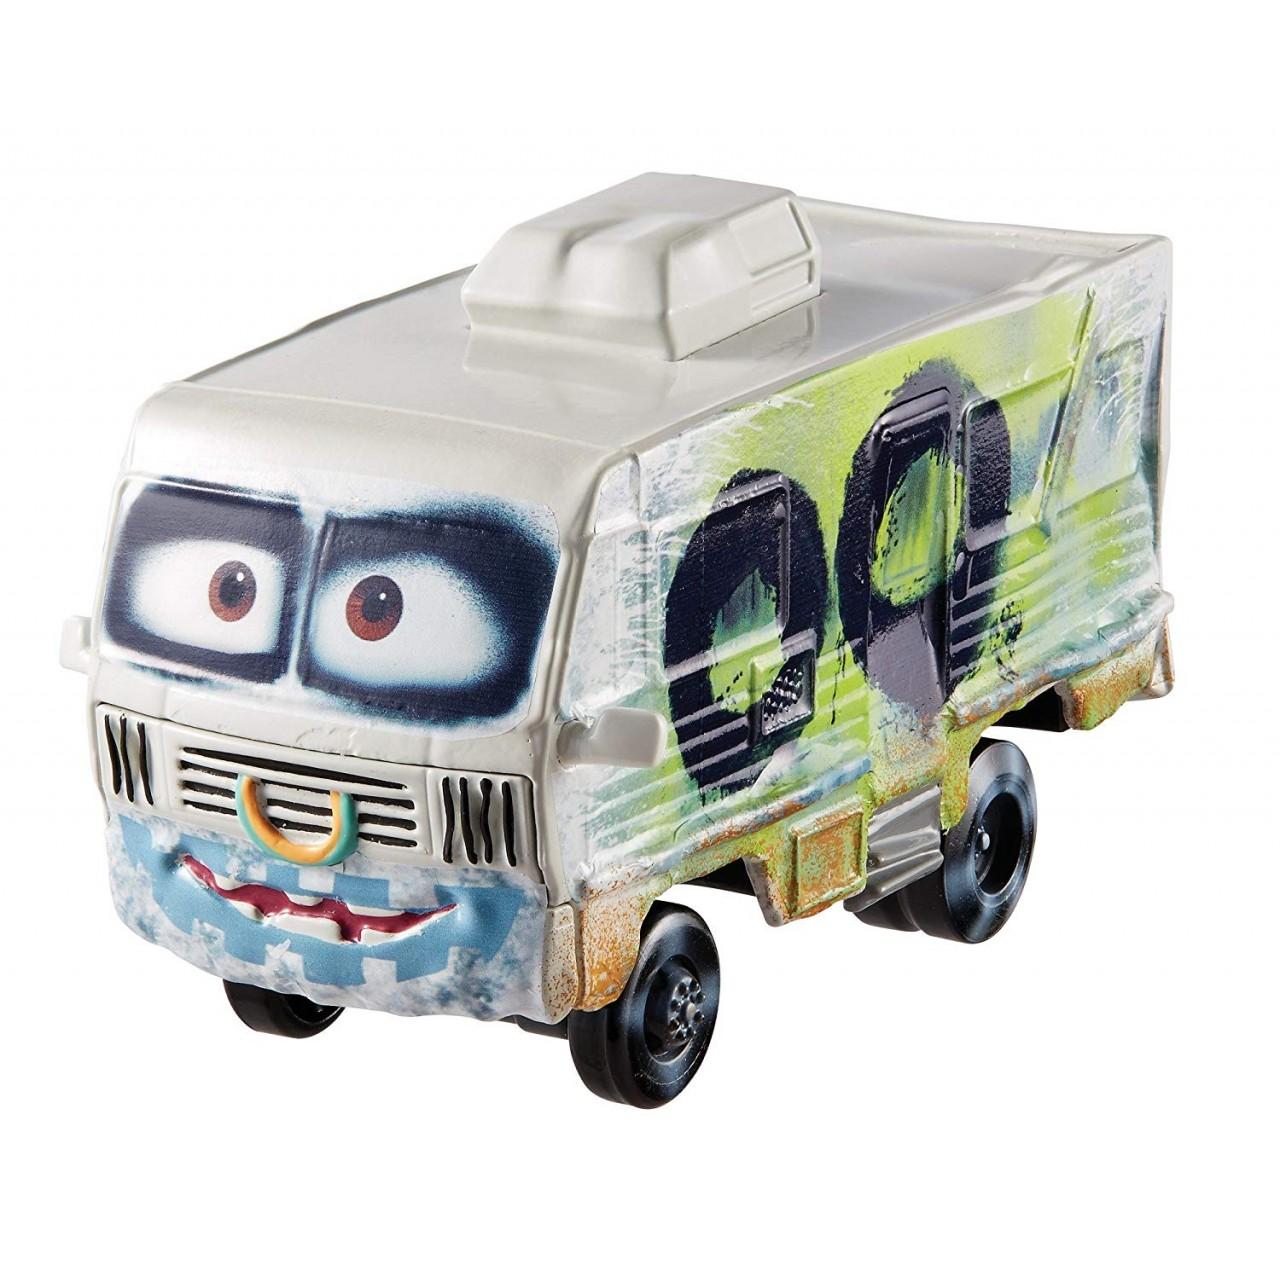 Disney/Pixar Тачки 3 Deluxe: Арви DXV91 (Cars 3 Deluxe Arvy)